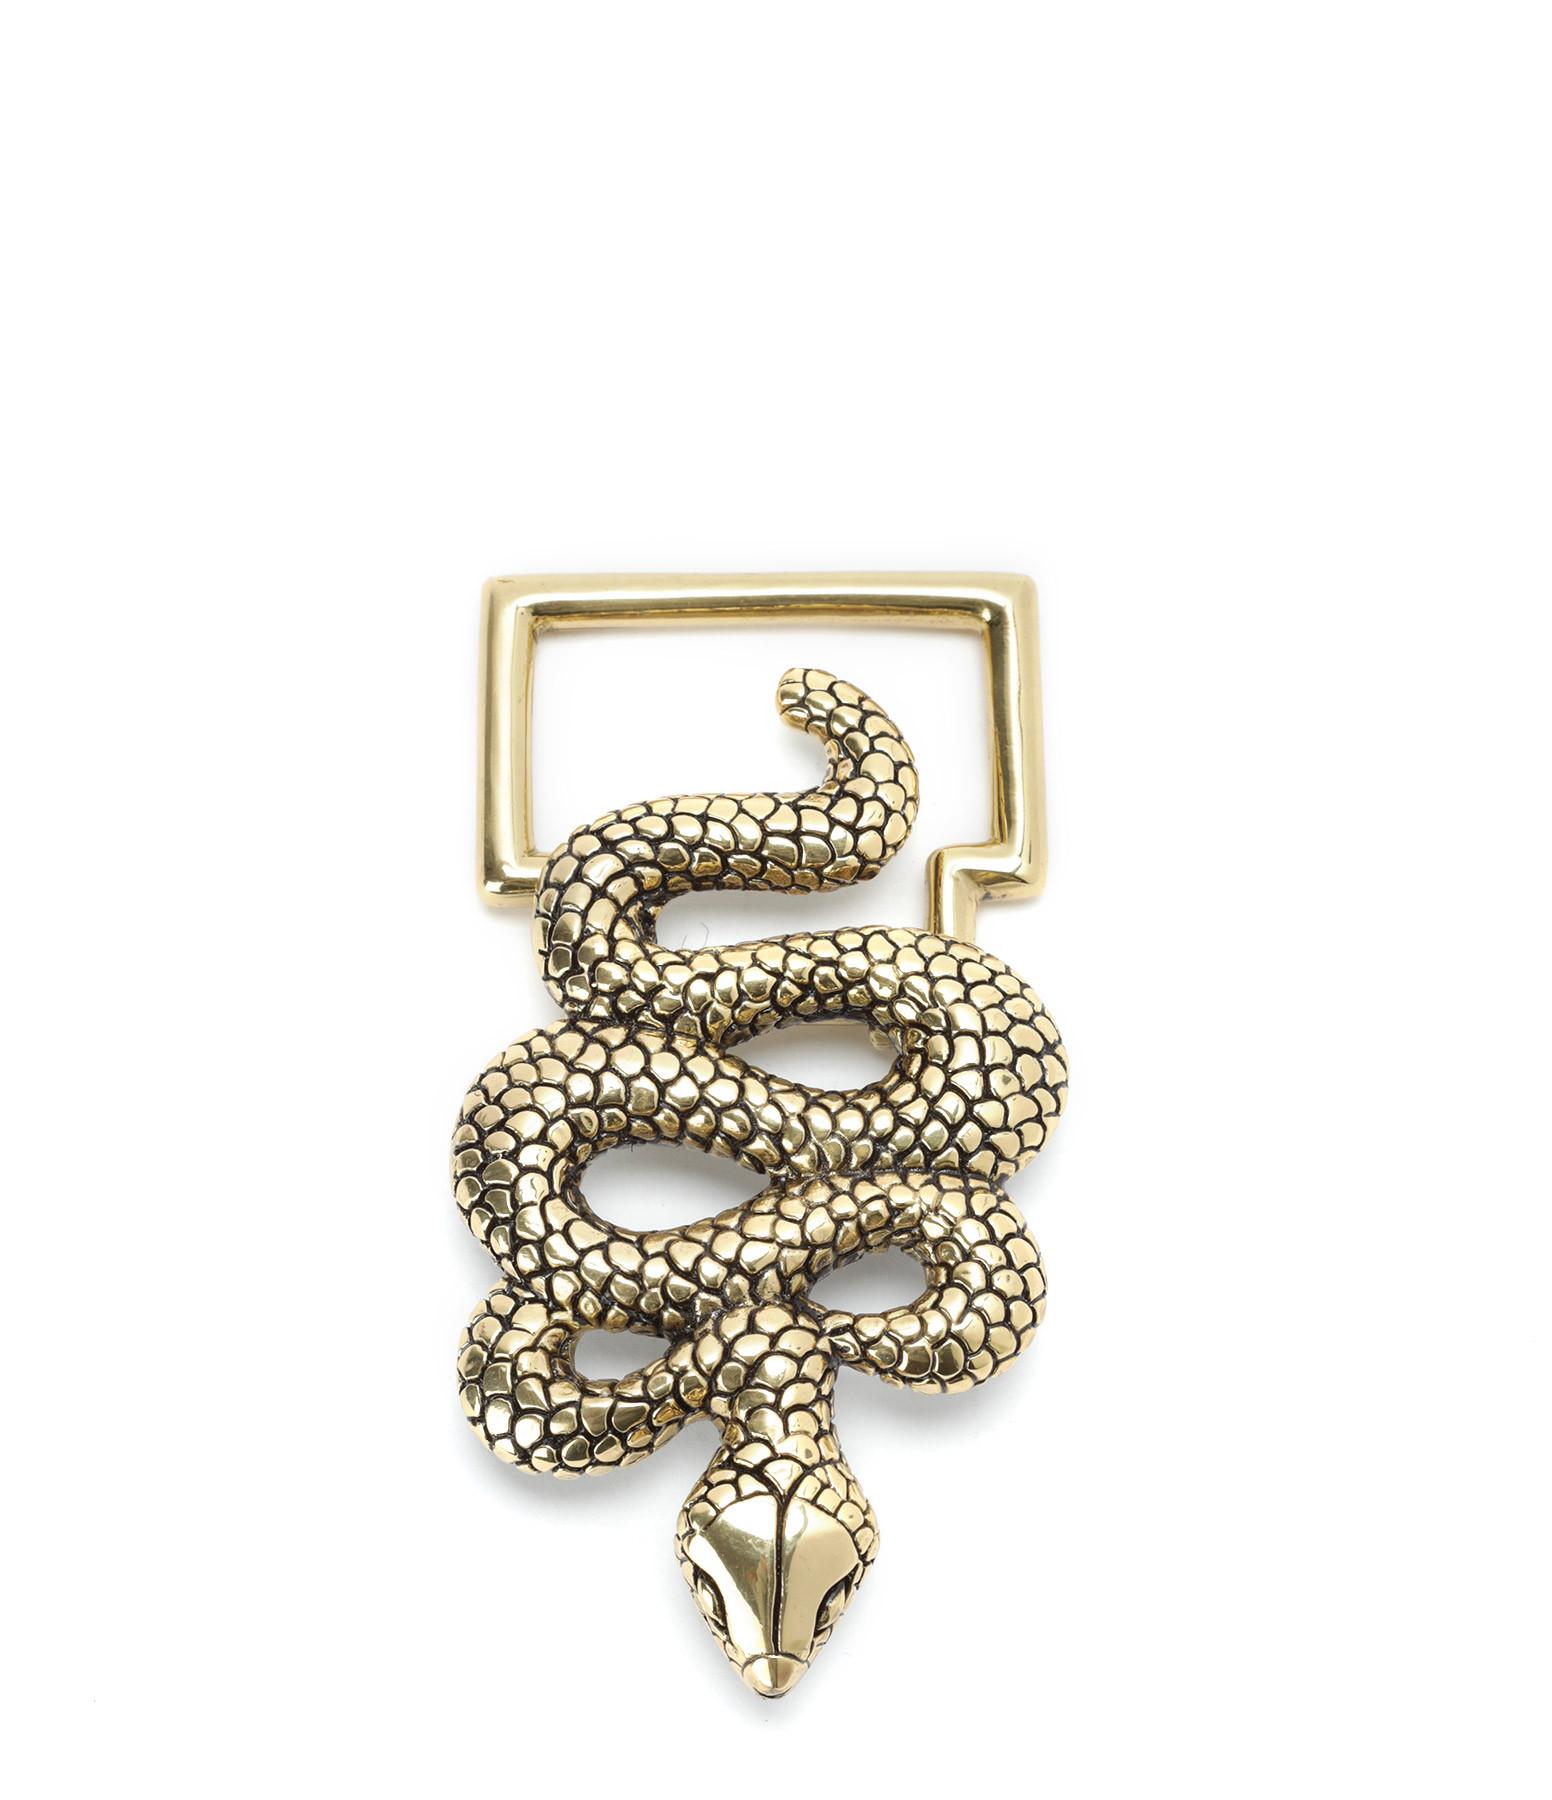 CLARIS VIROT - Boucle de Ceinture Serpent Doré